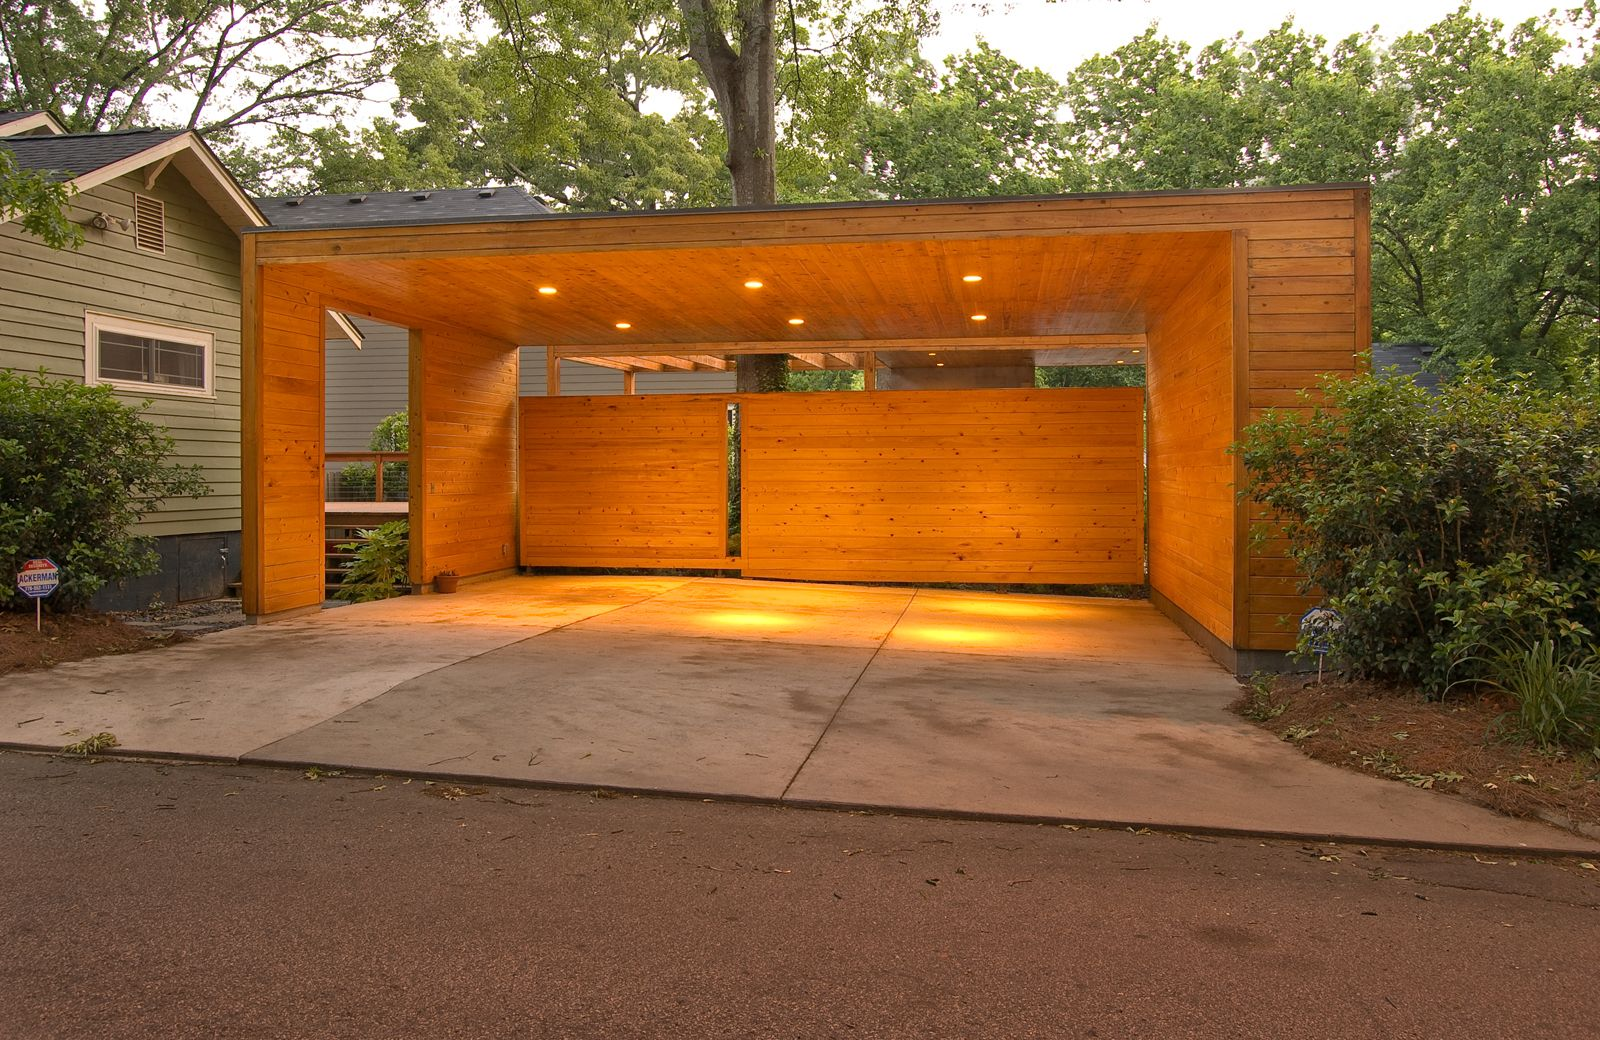 Slideshow 8 Modern Carports Dwell The carport outside